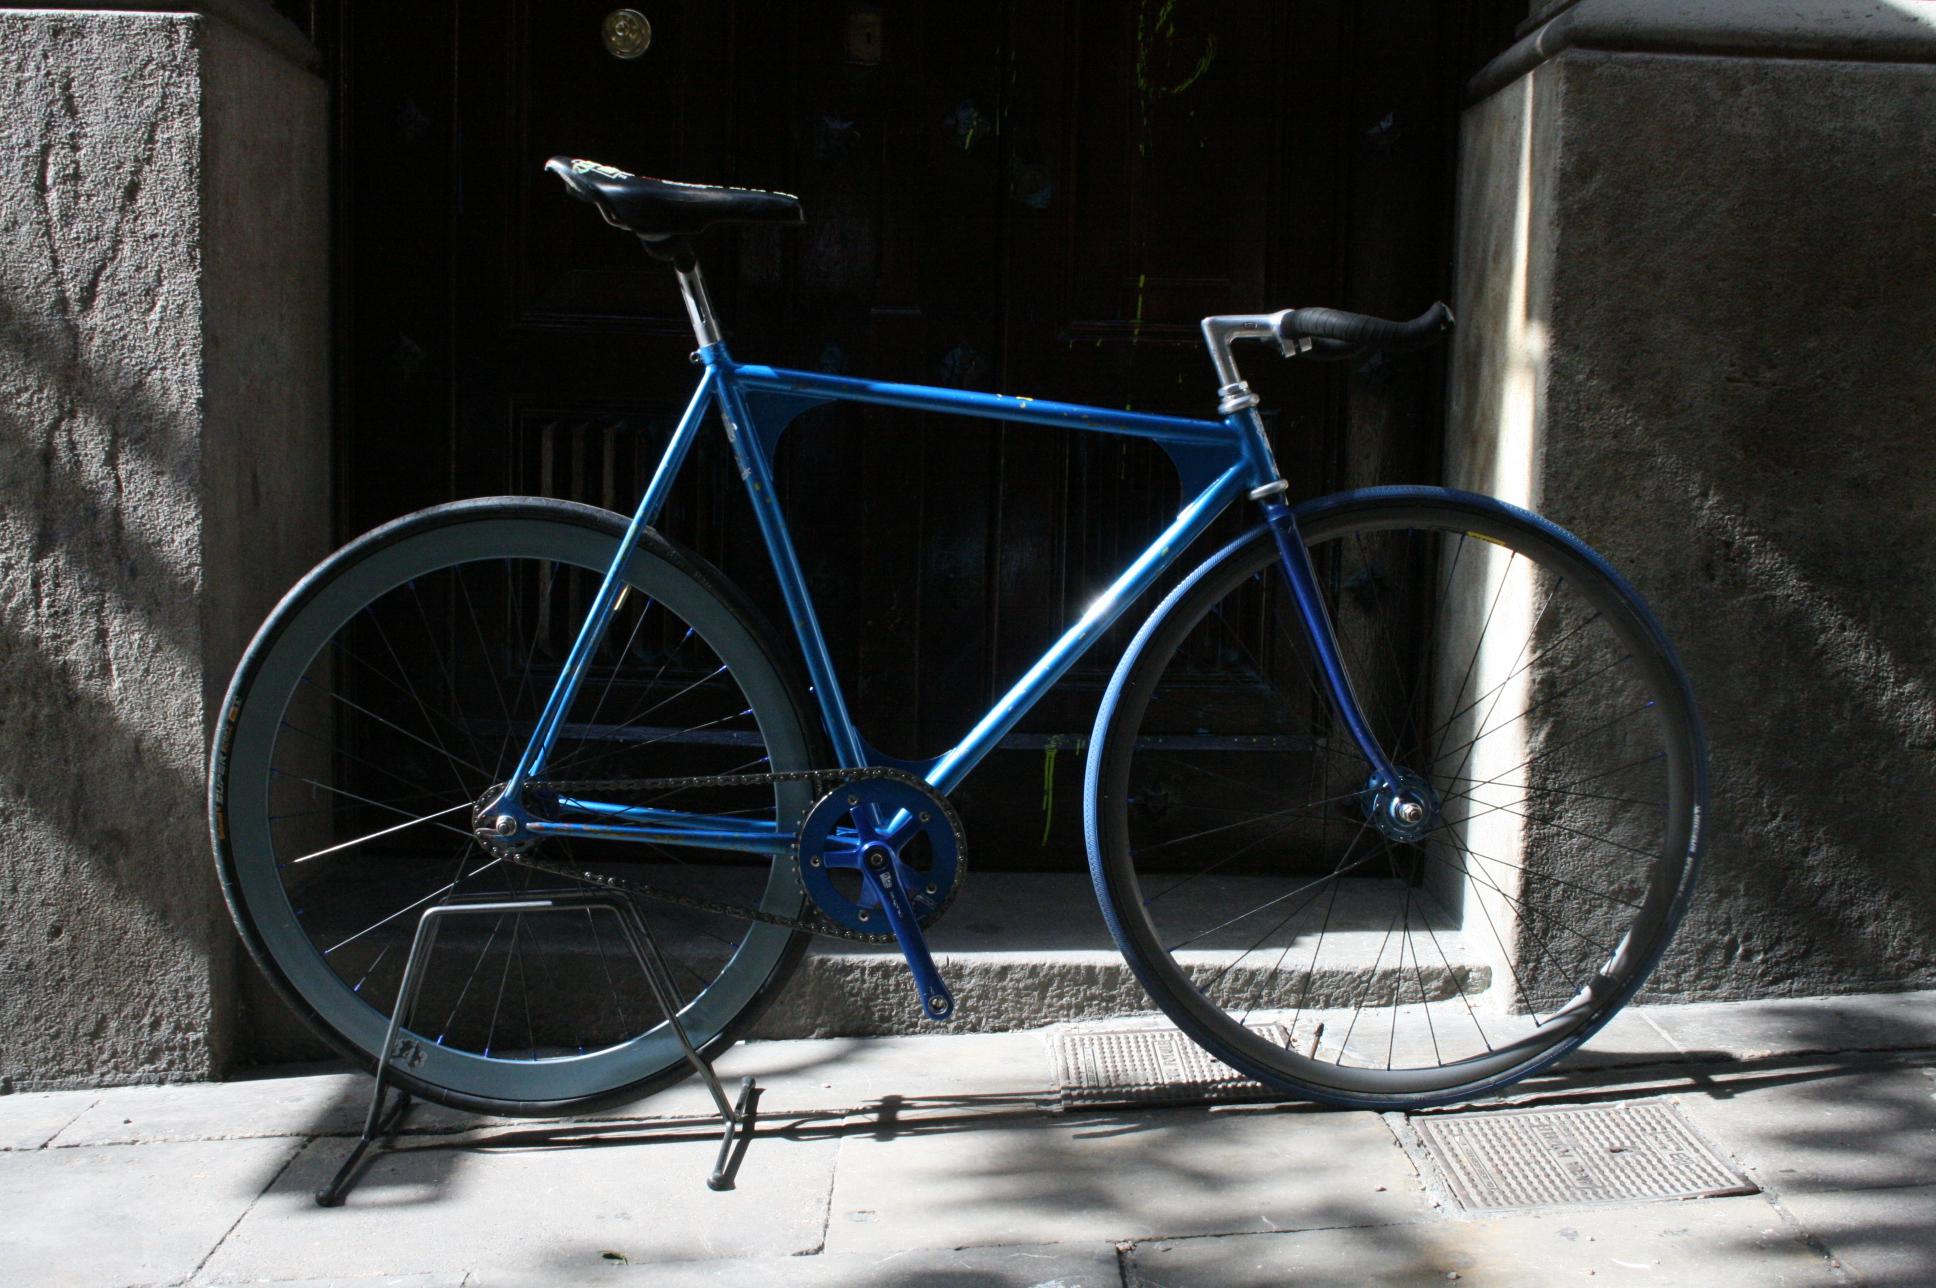 Vendo bici de persecución con sloopin invertido, casi lista para ...